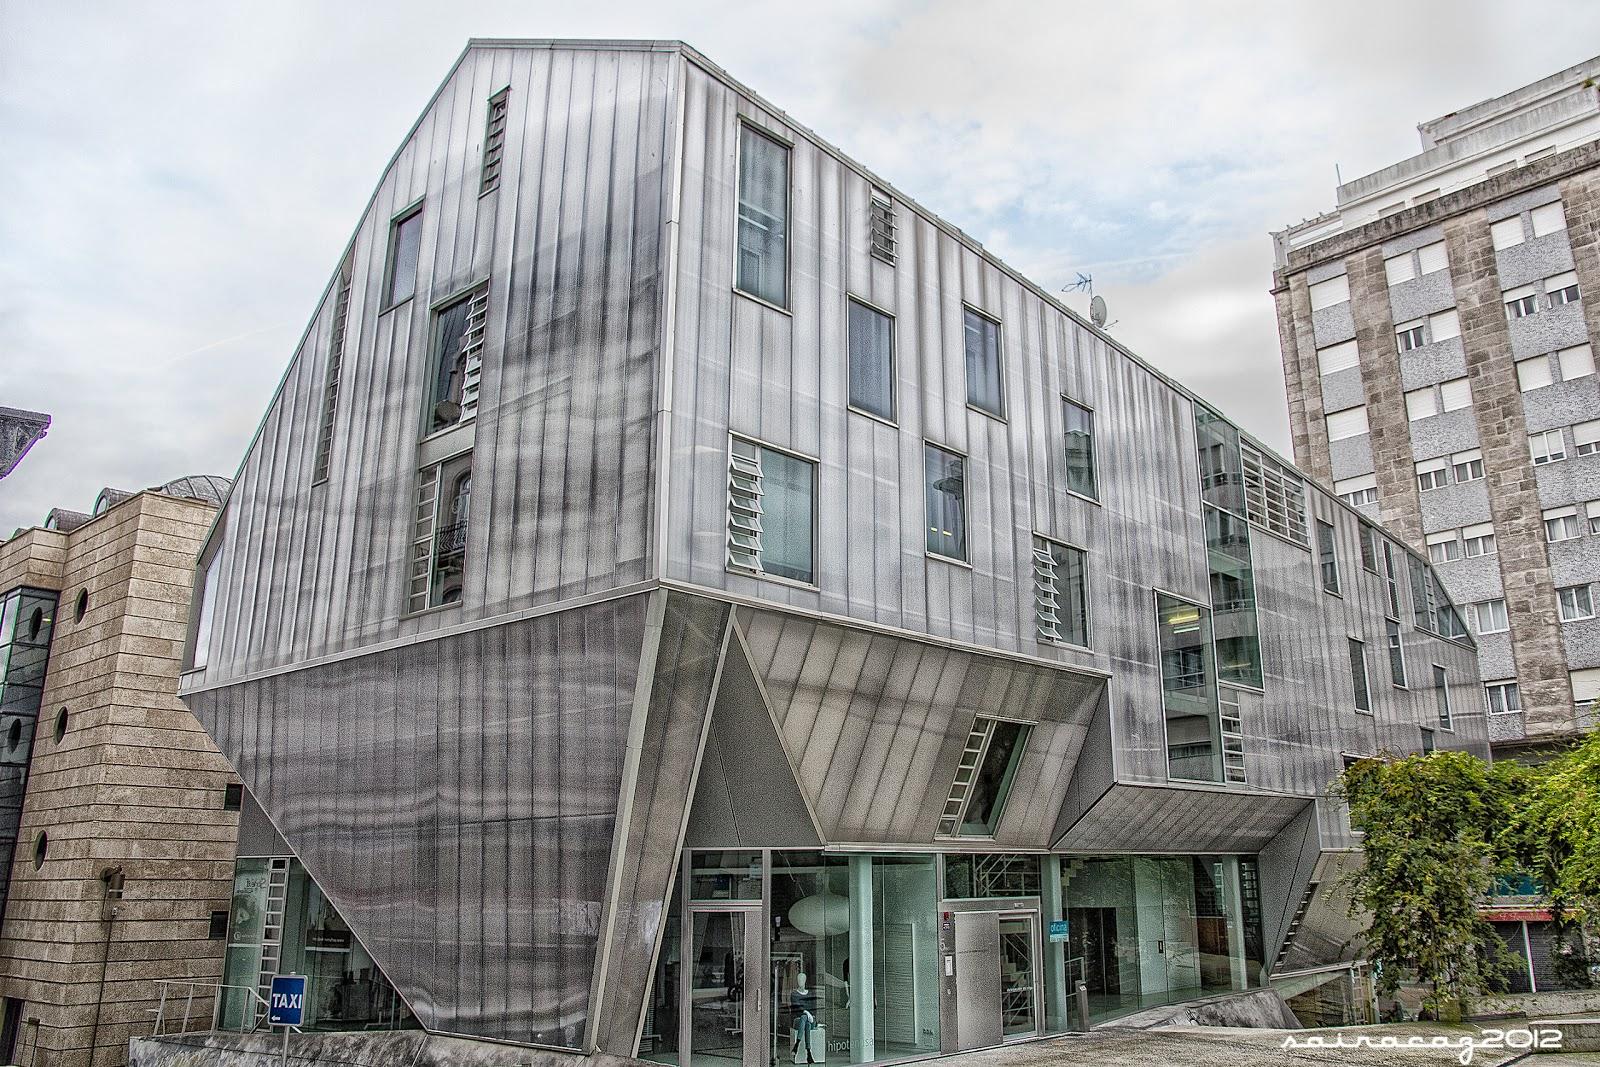 Vigo by sairacaz sede del colegio de arquitectos - Arquitectos en vigo ...